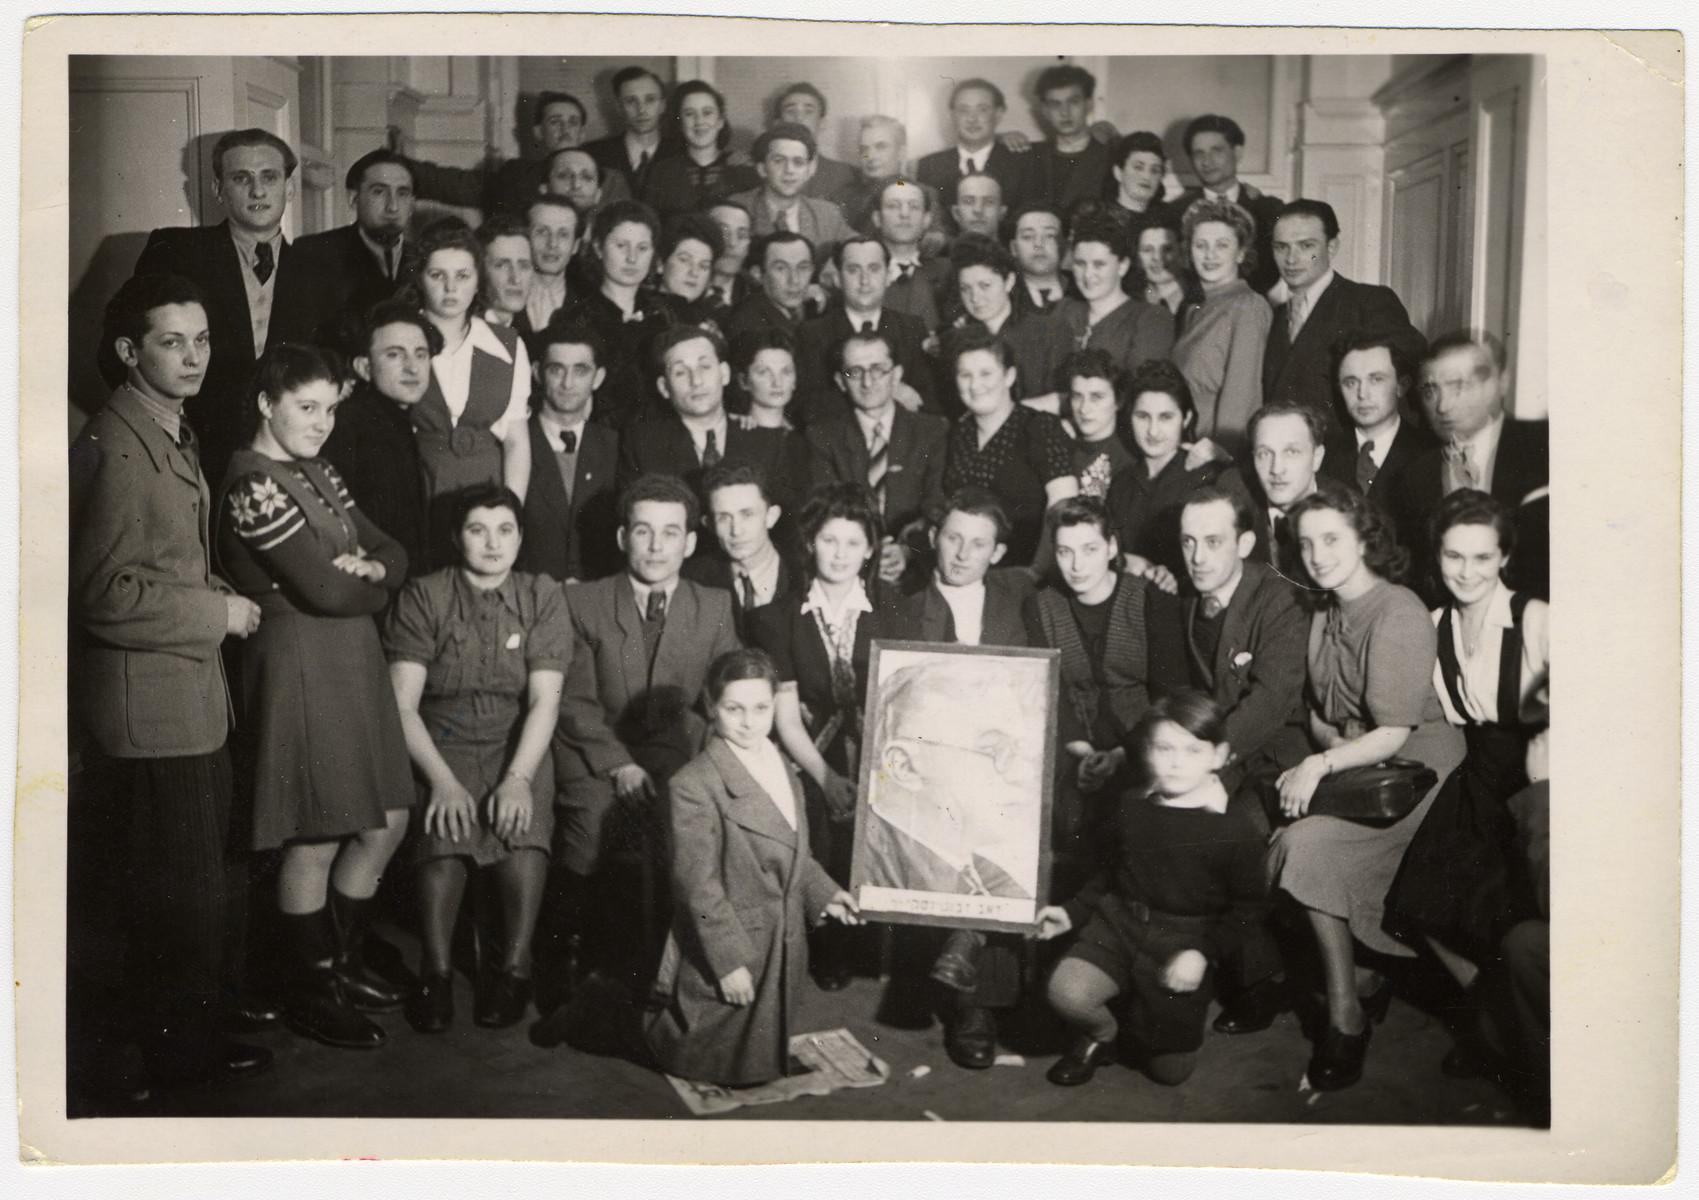 Members of Betar pose with a portrait of Zeev Jabotinsky in Heidelberg.